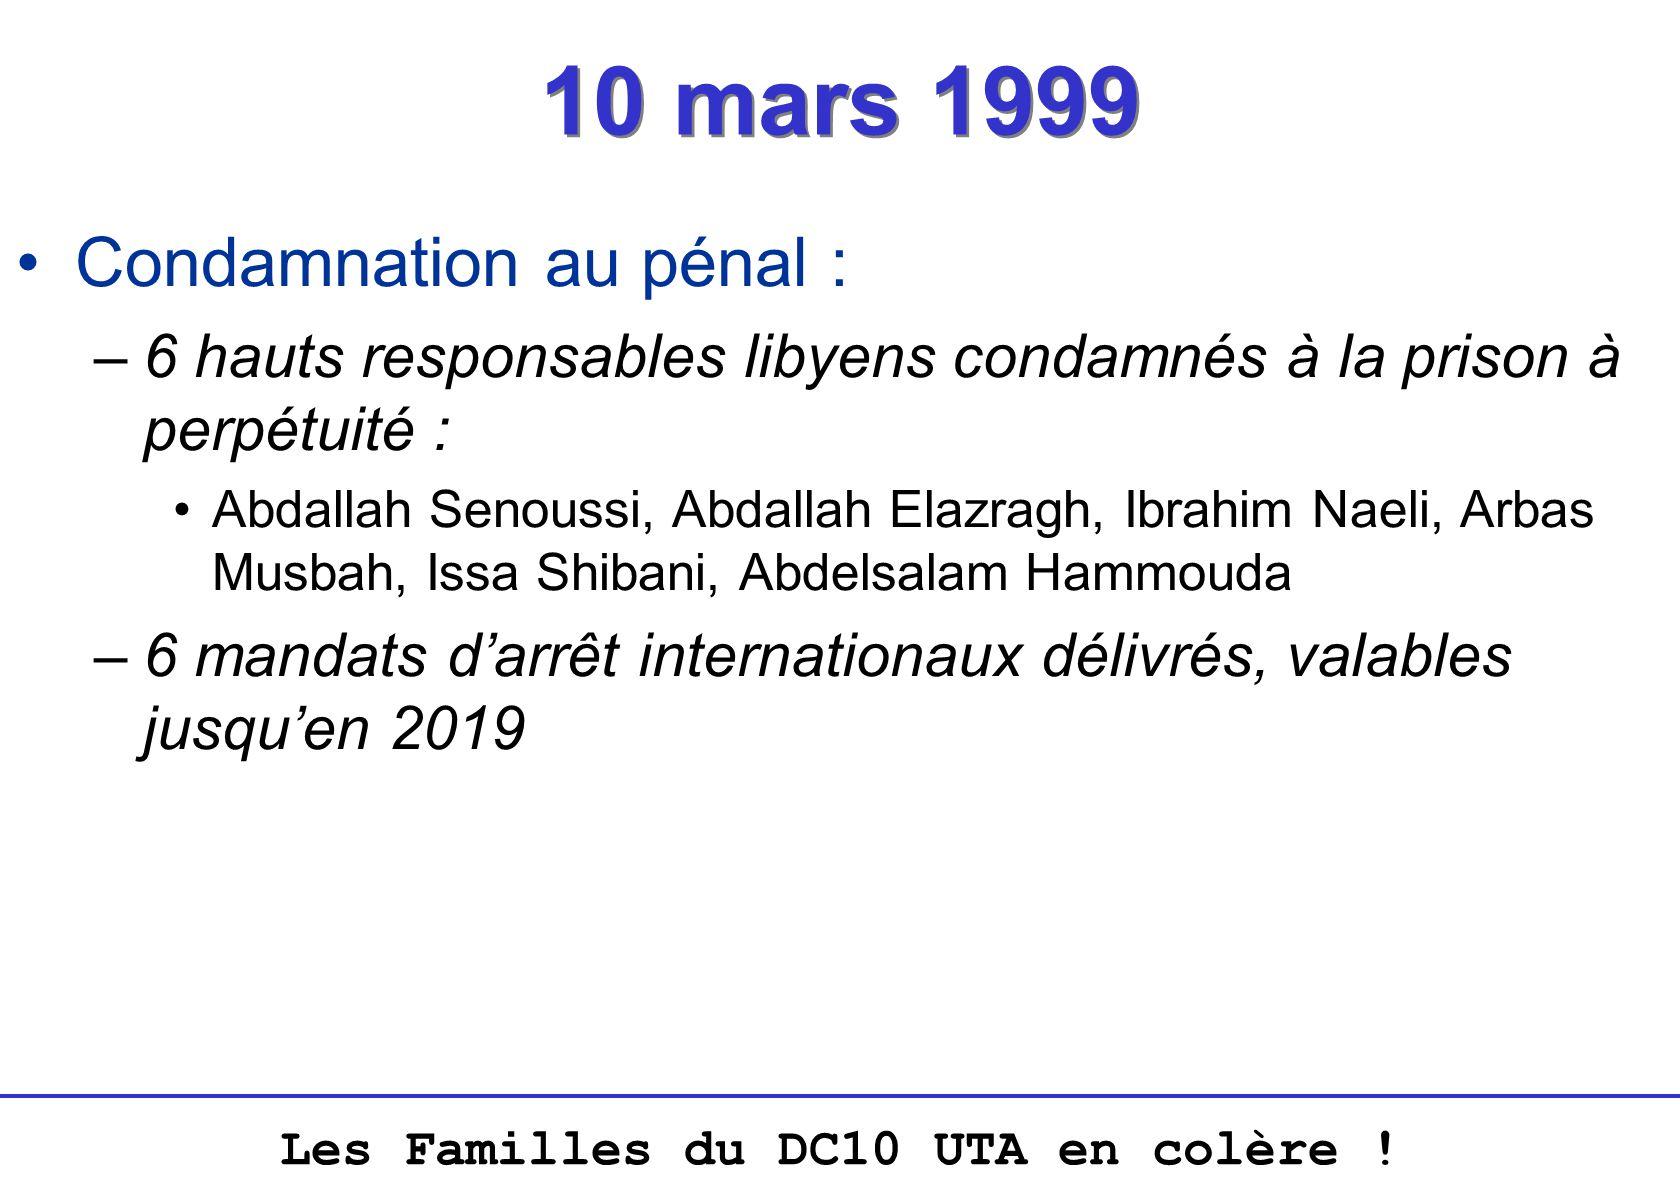 Les Familles du DC10 UTA en colère ! 10 mars 1999 Condamnation au pénal : –6 hauts responsables libyens condamnés à la prison à perpétuité : Abdallah